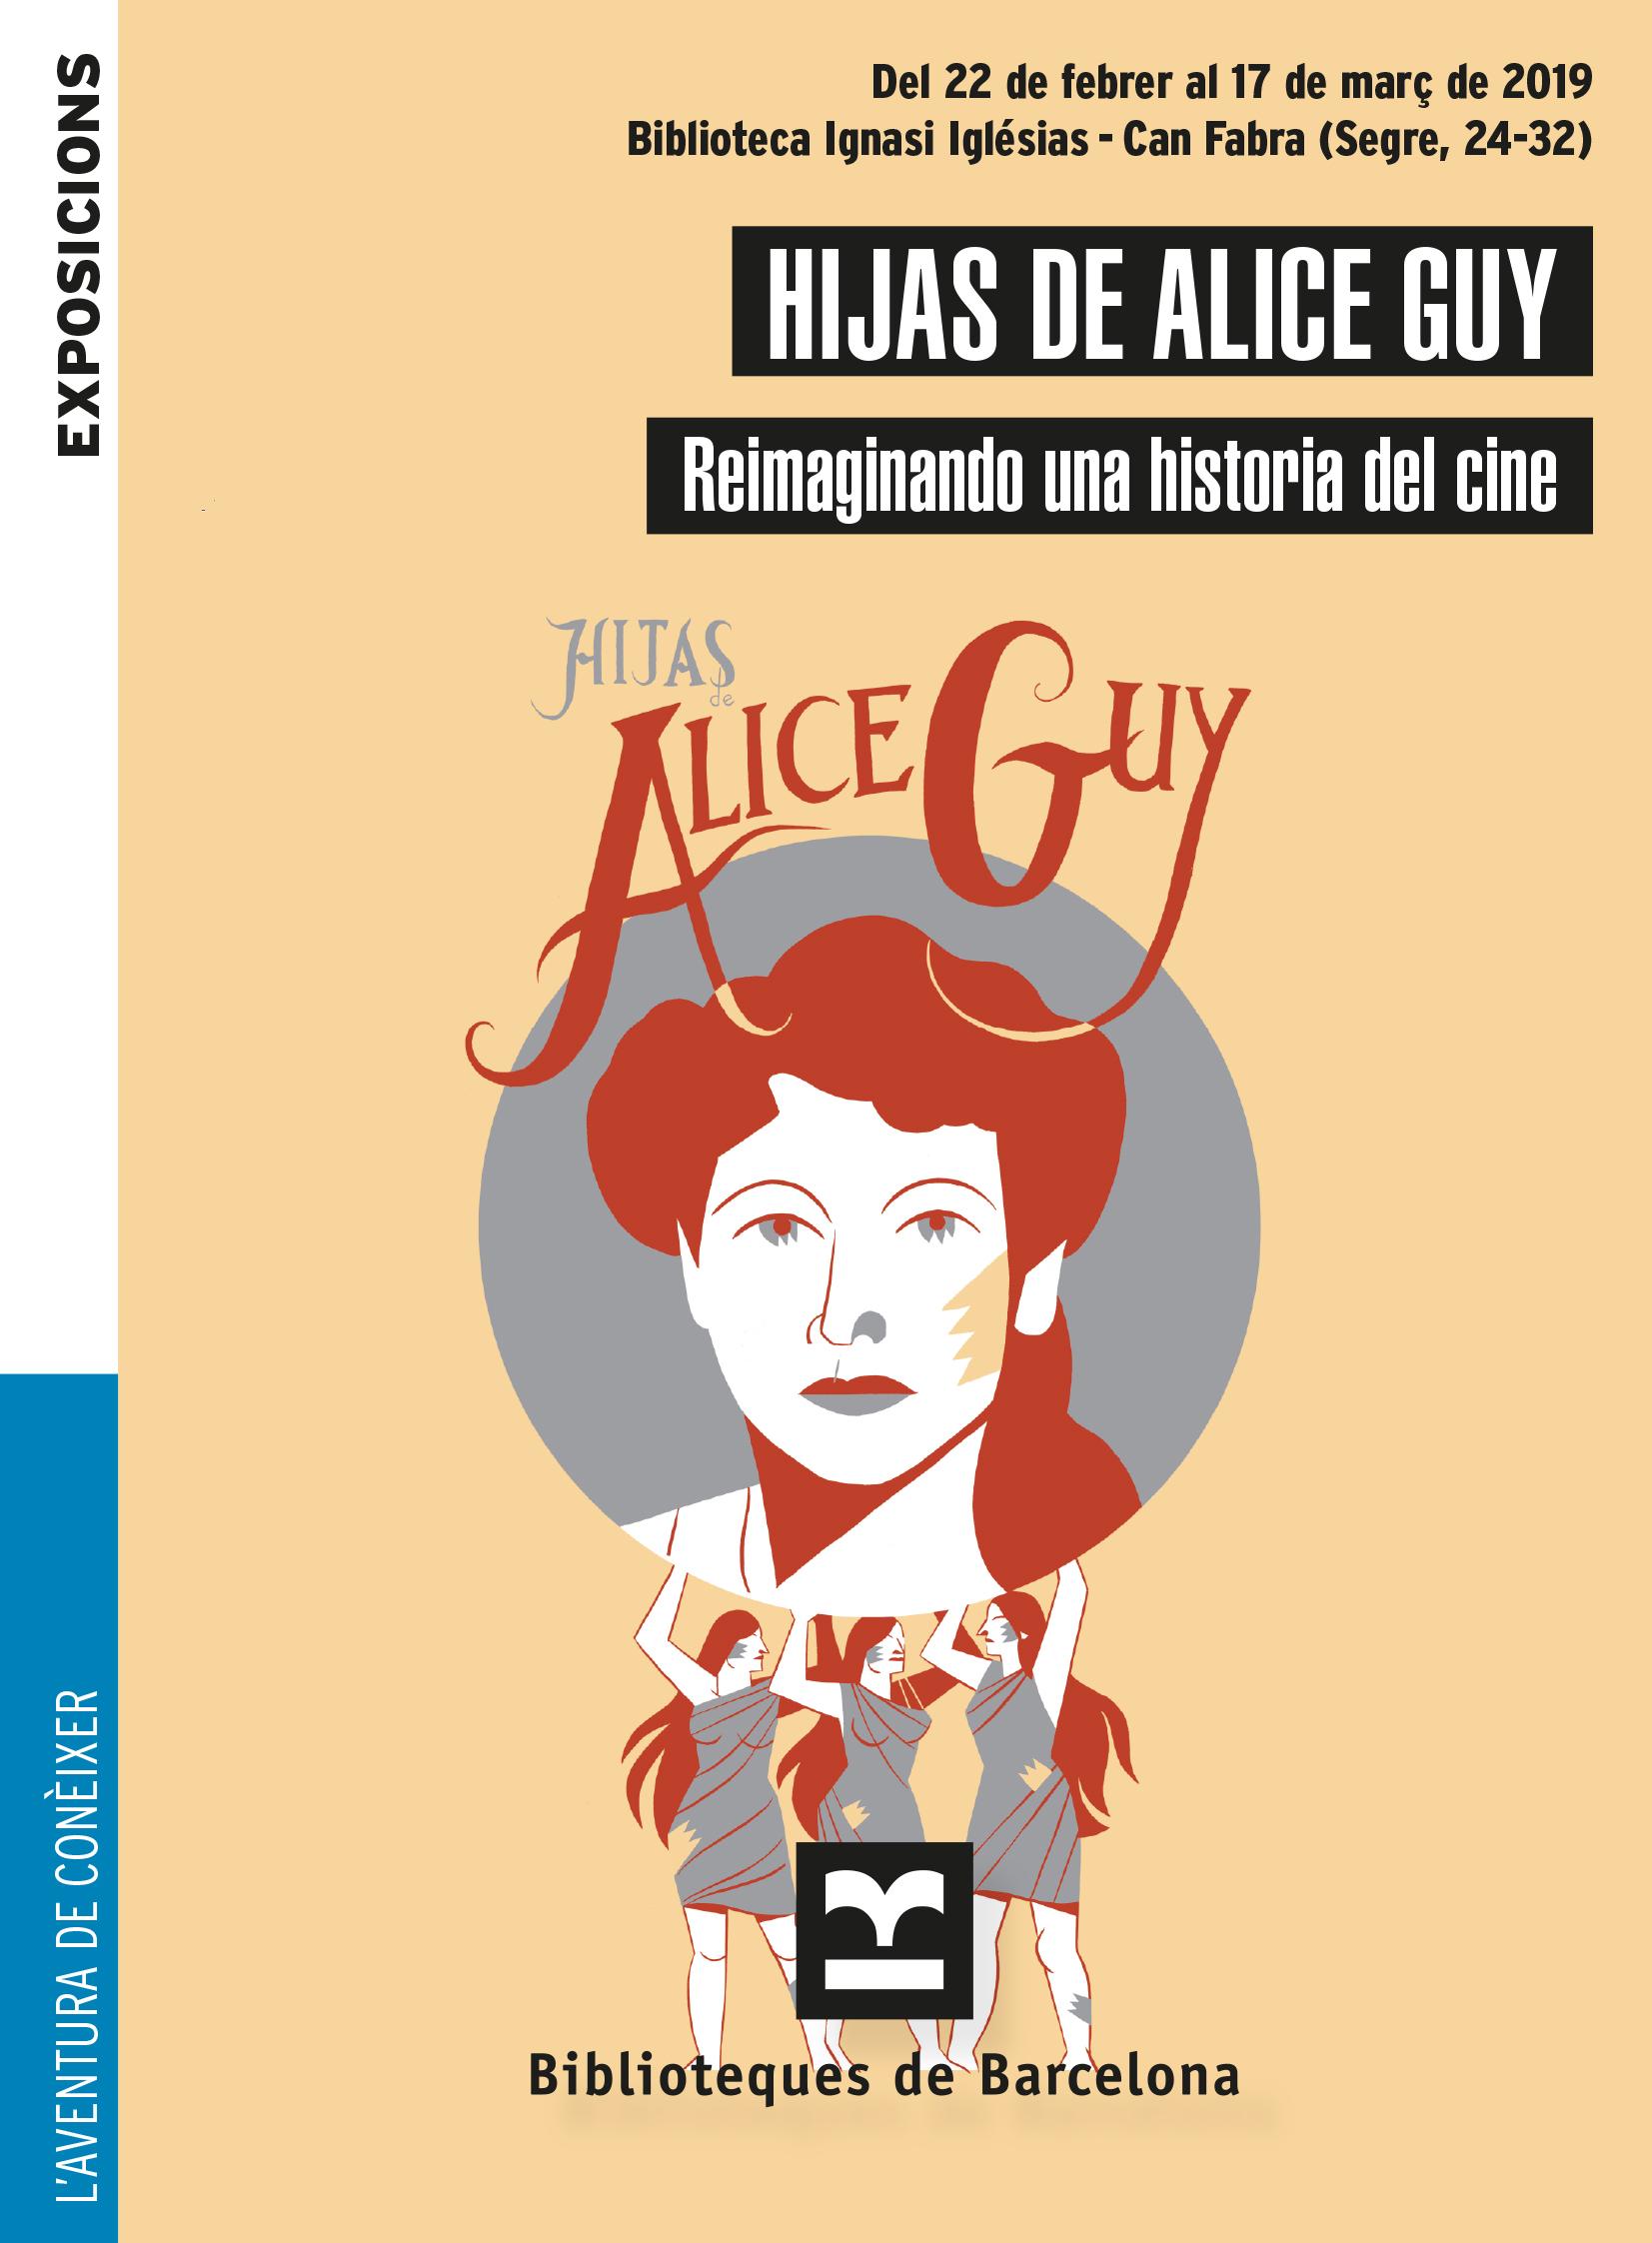 Expo _AliceGuy PORTADA